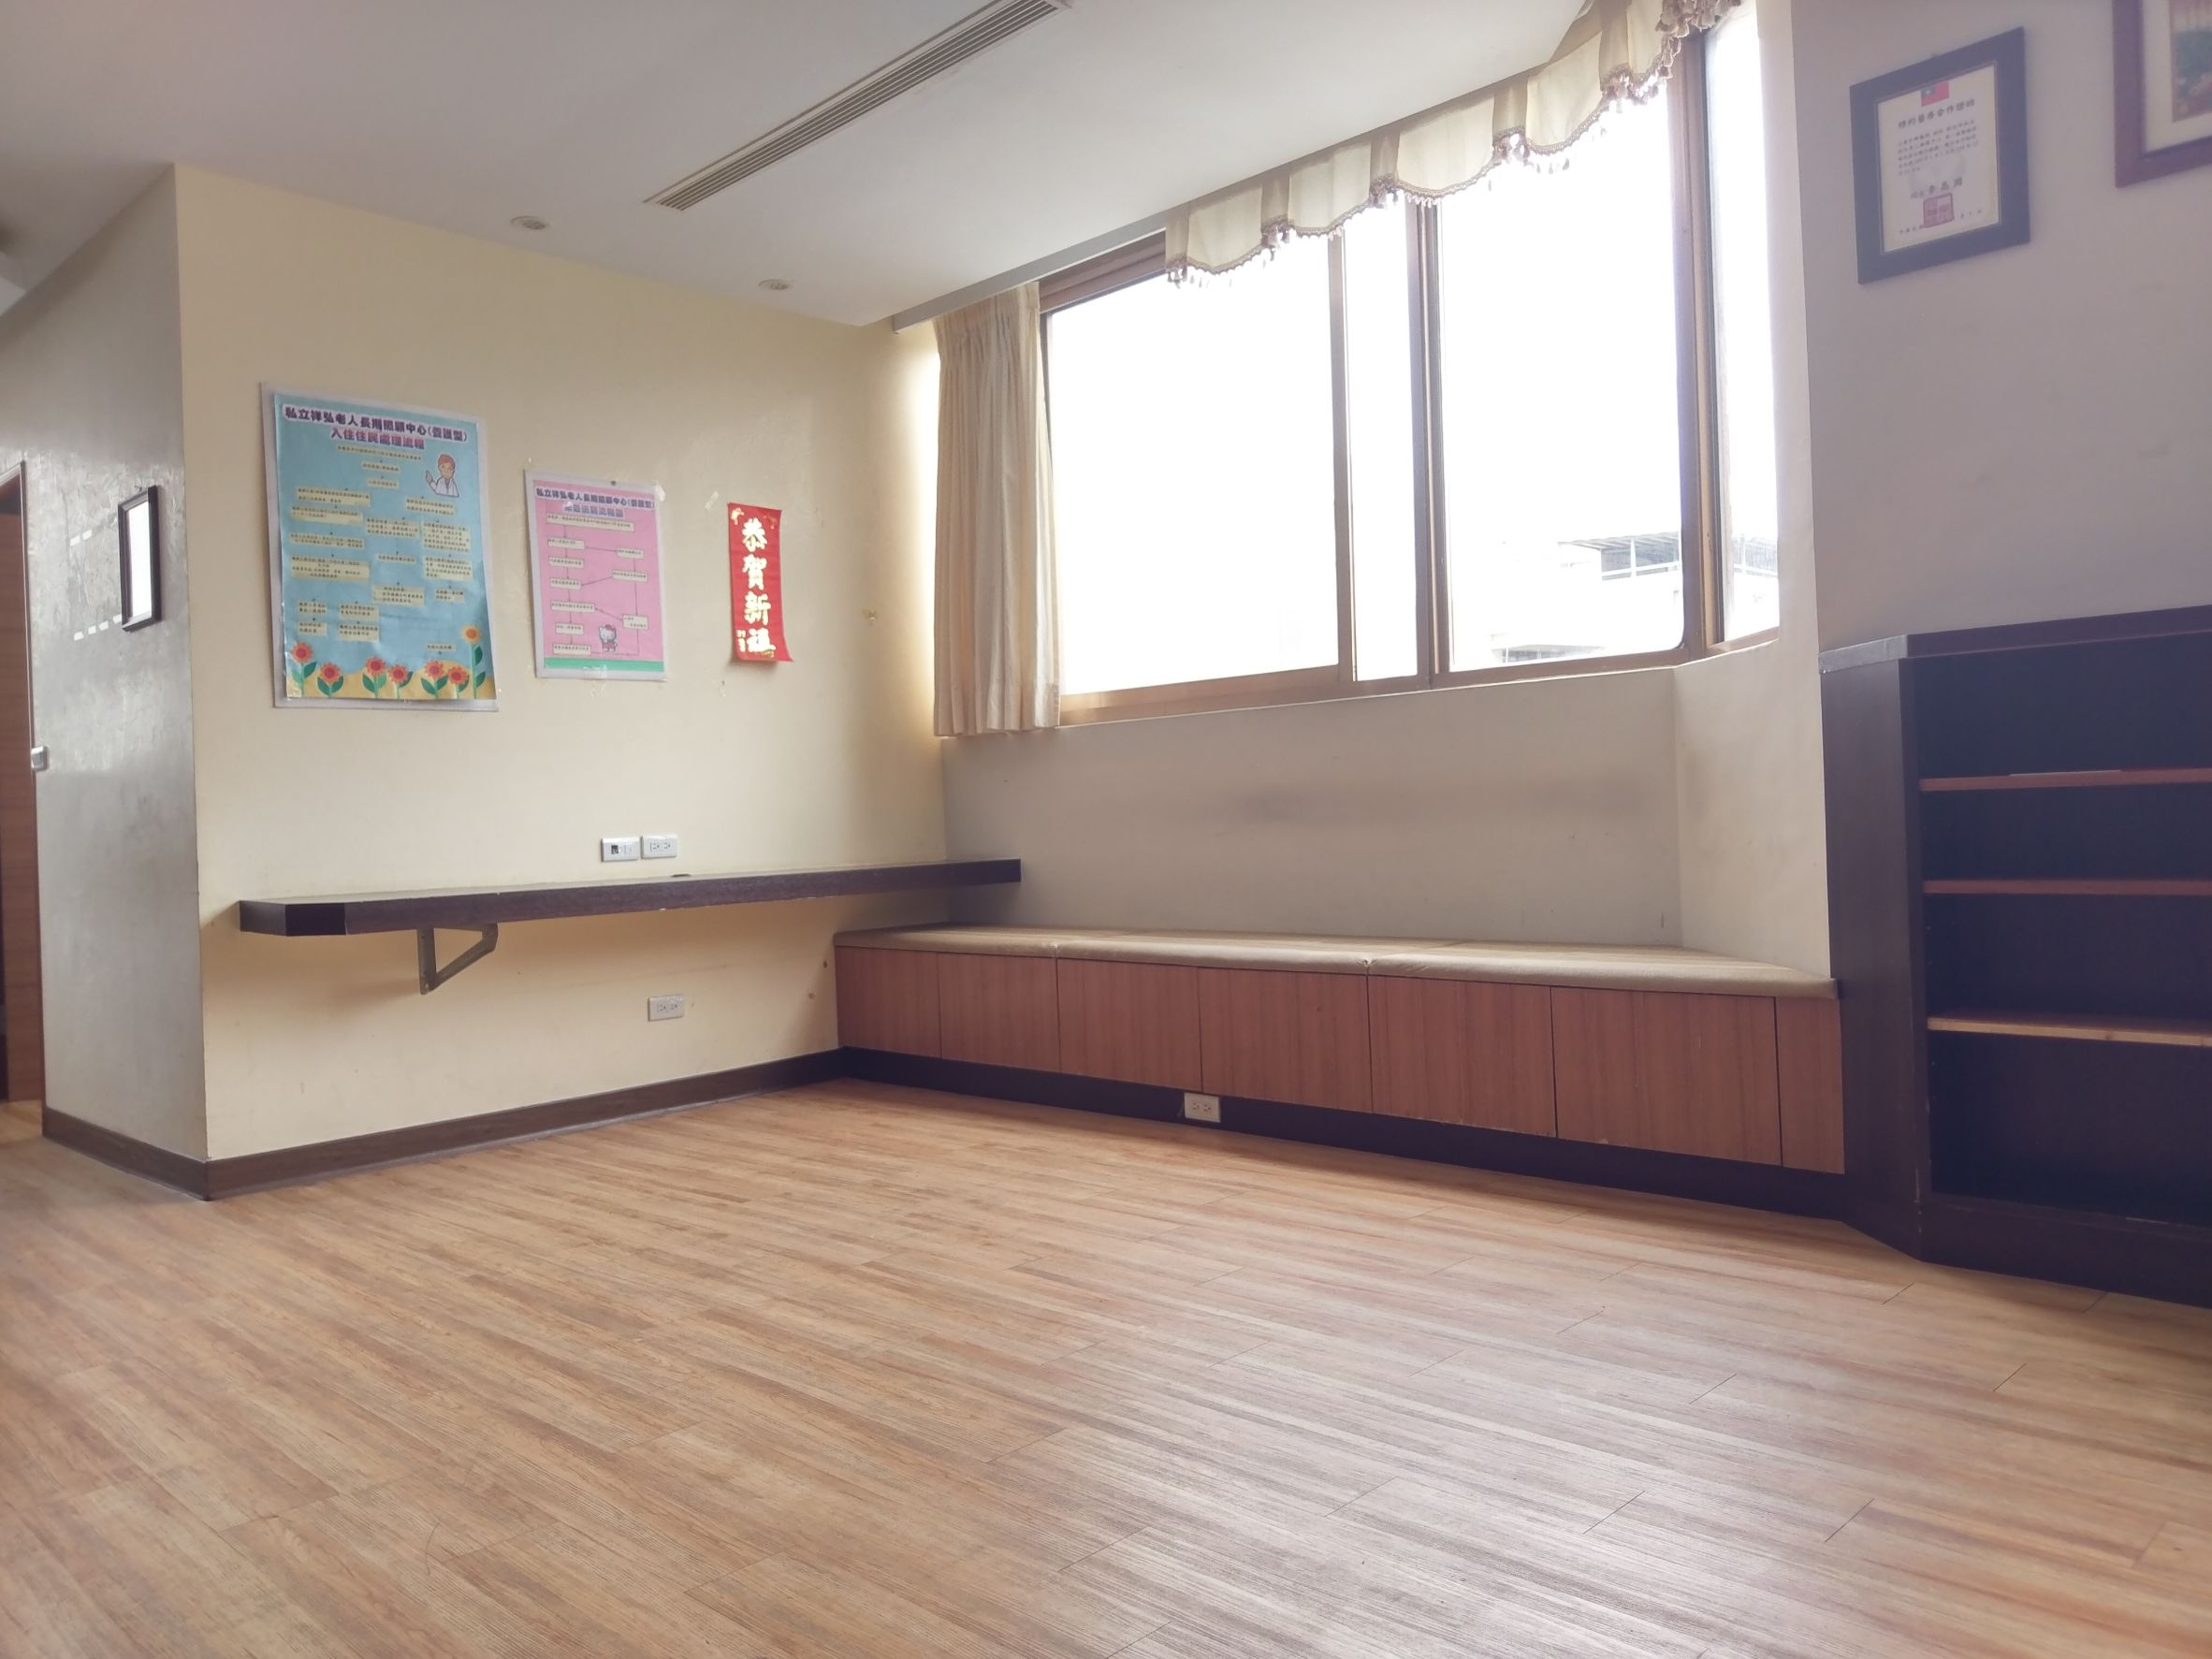 新北市私立祥寶老人長期照顧中心